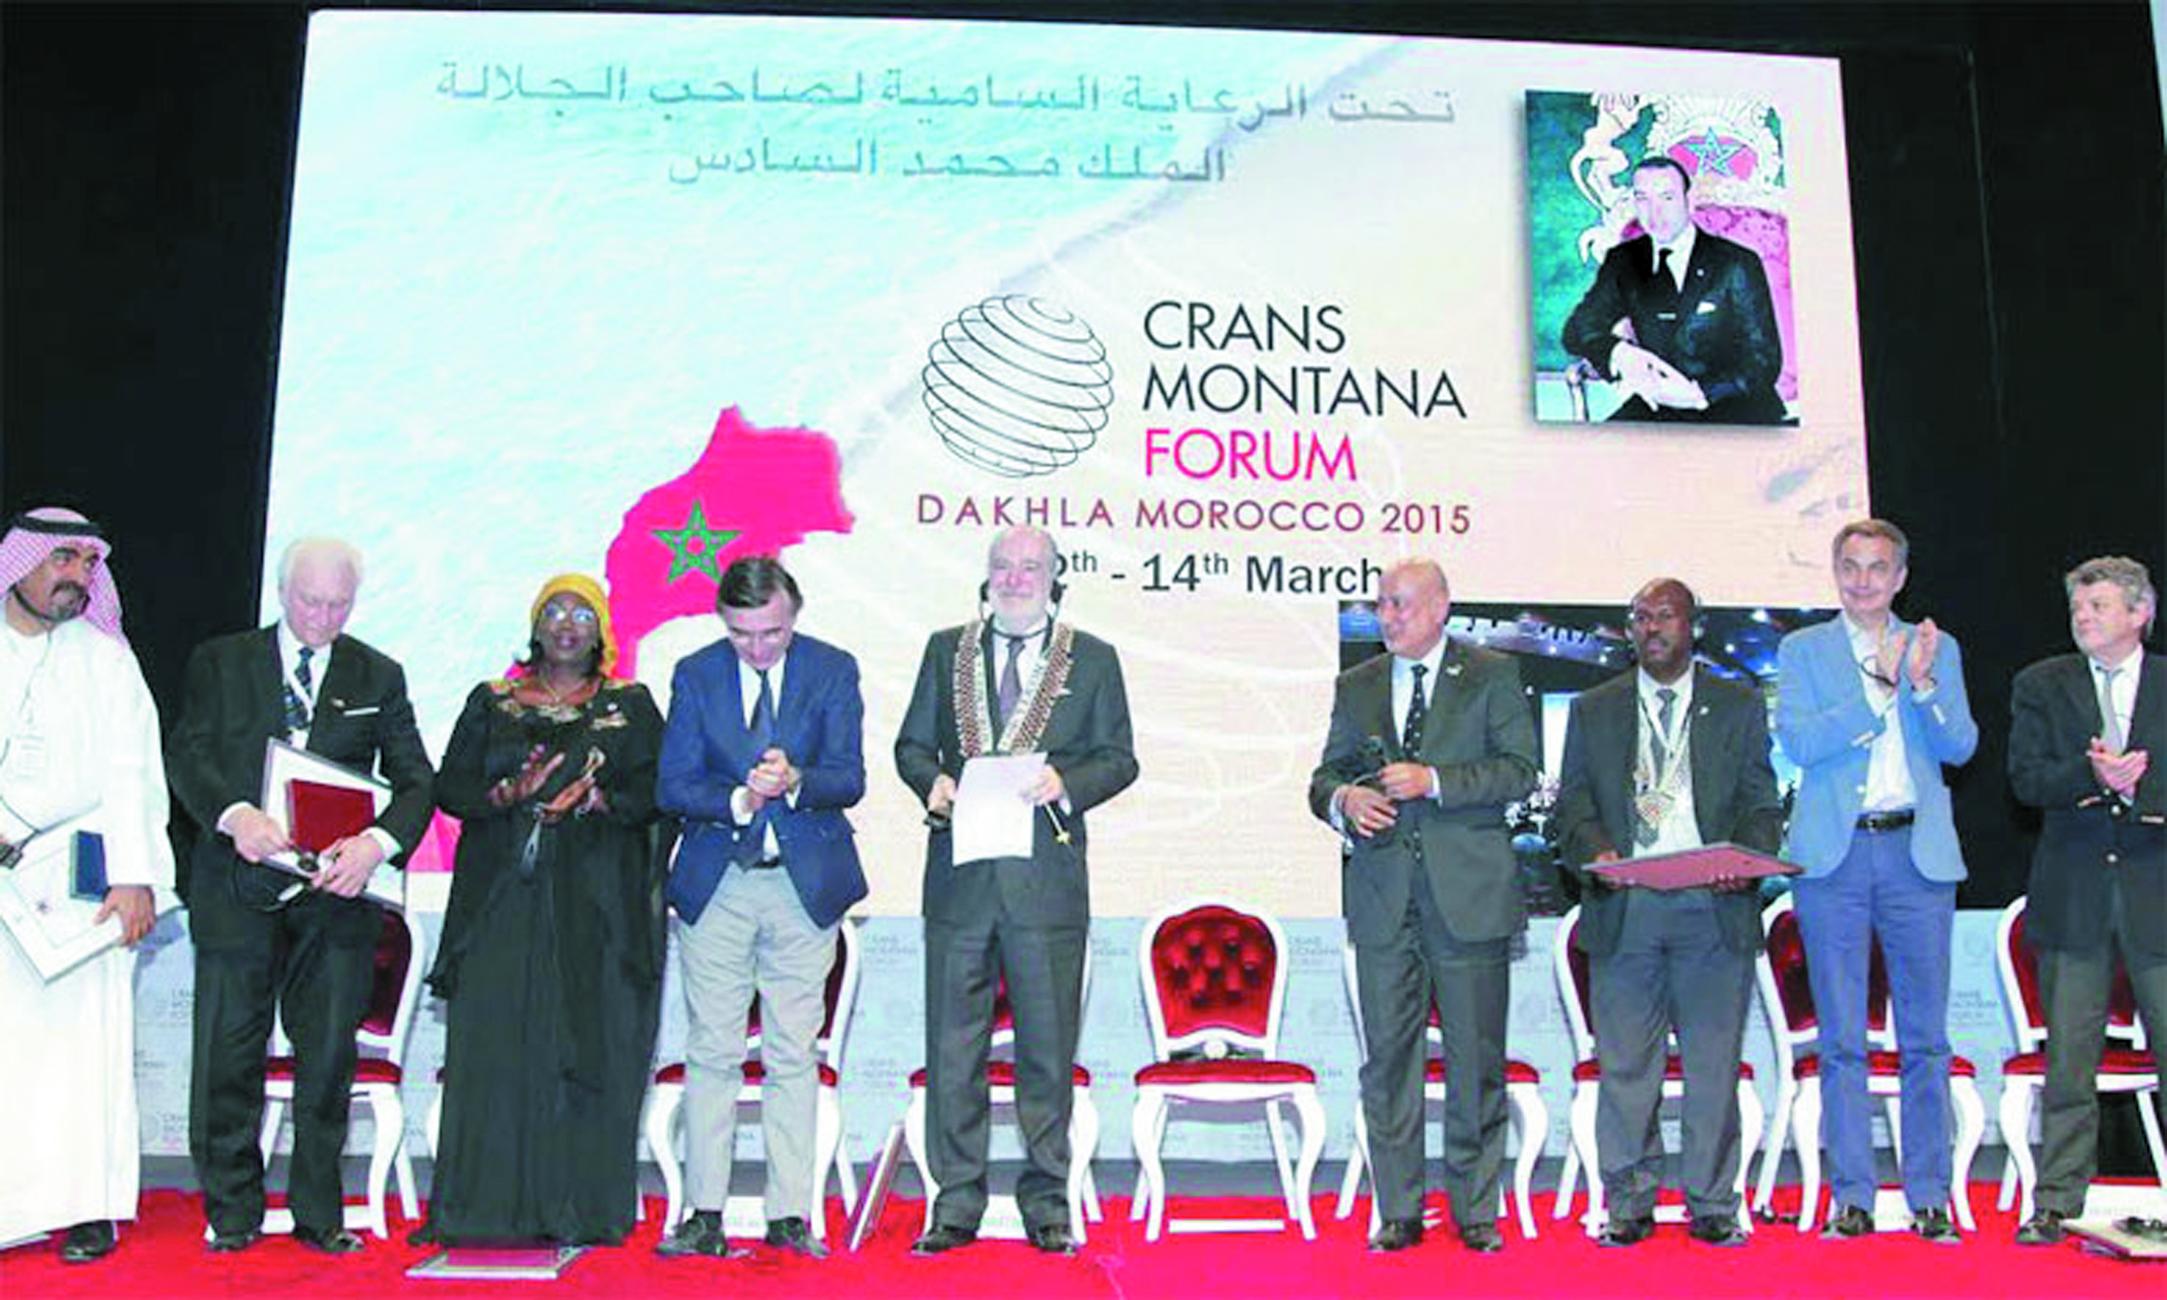 Dakhla s'apprête à accueillir  le Forum de Crans Montana